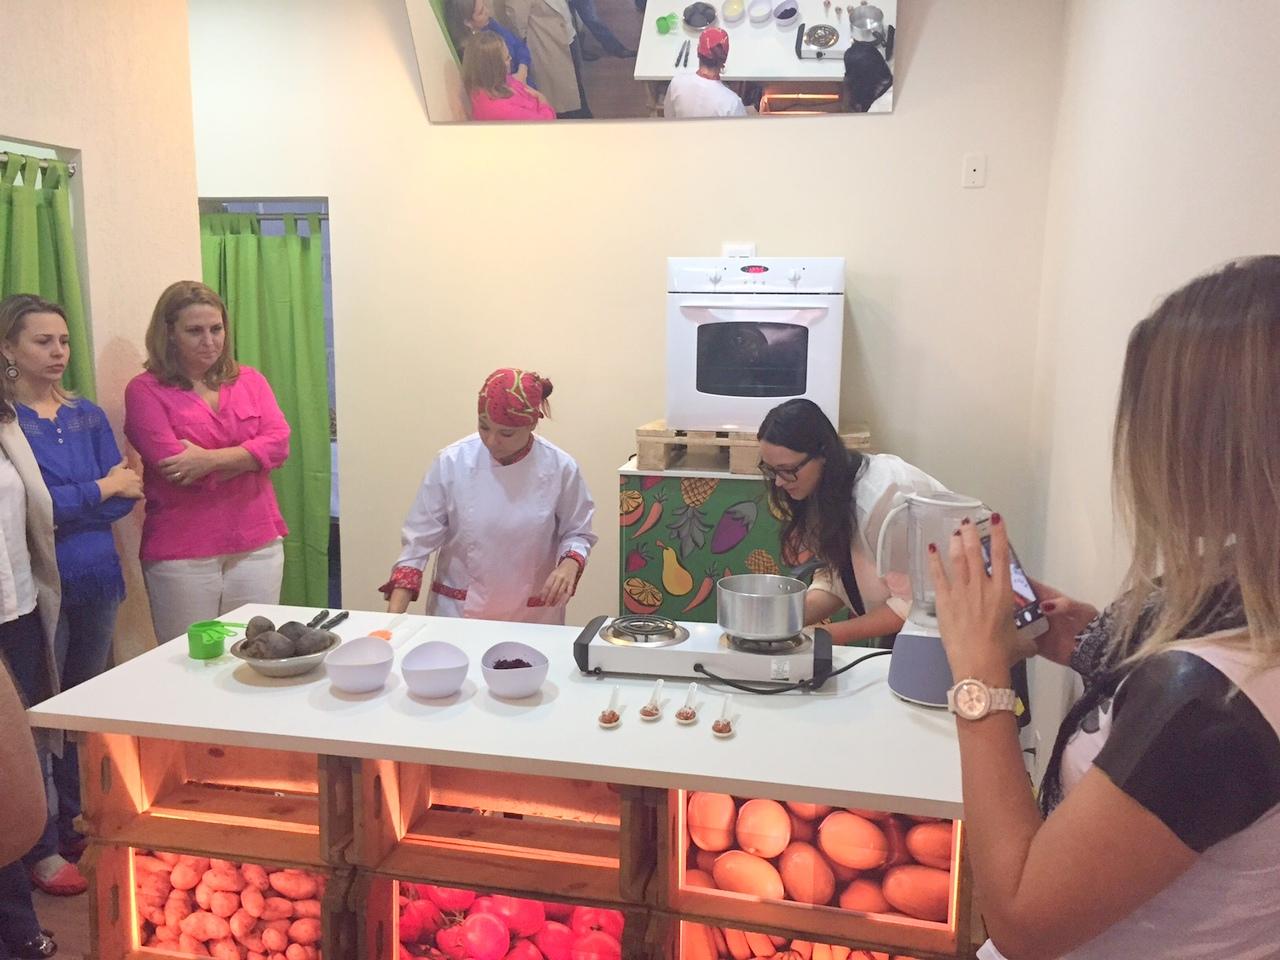 Por R$ 1, oficinas em SP ensinam receitas econômicas para o Natal usando cascas e talos